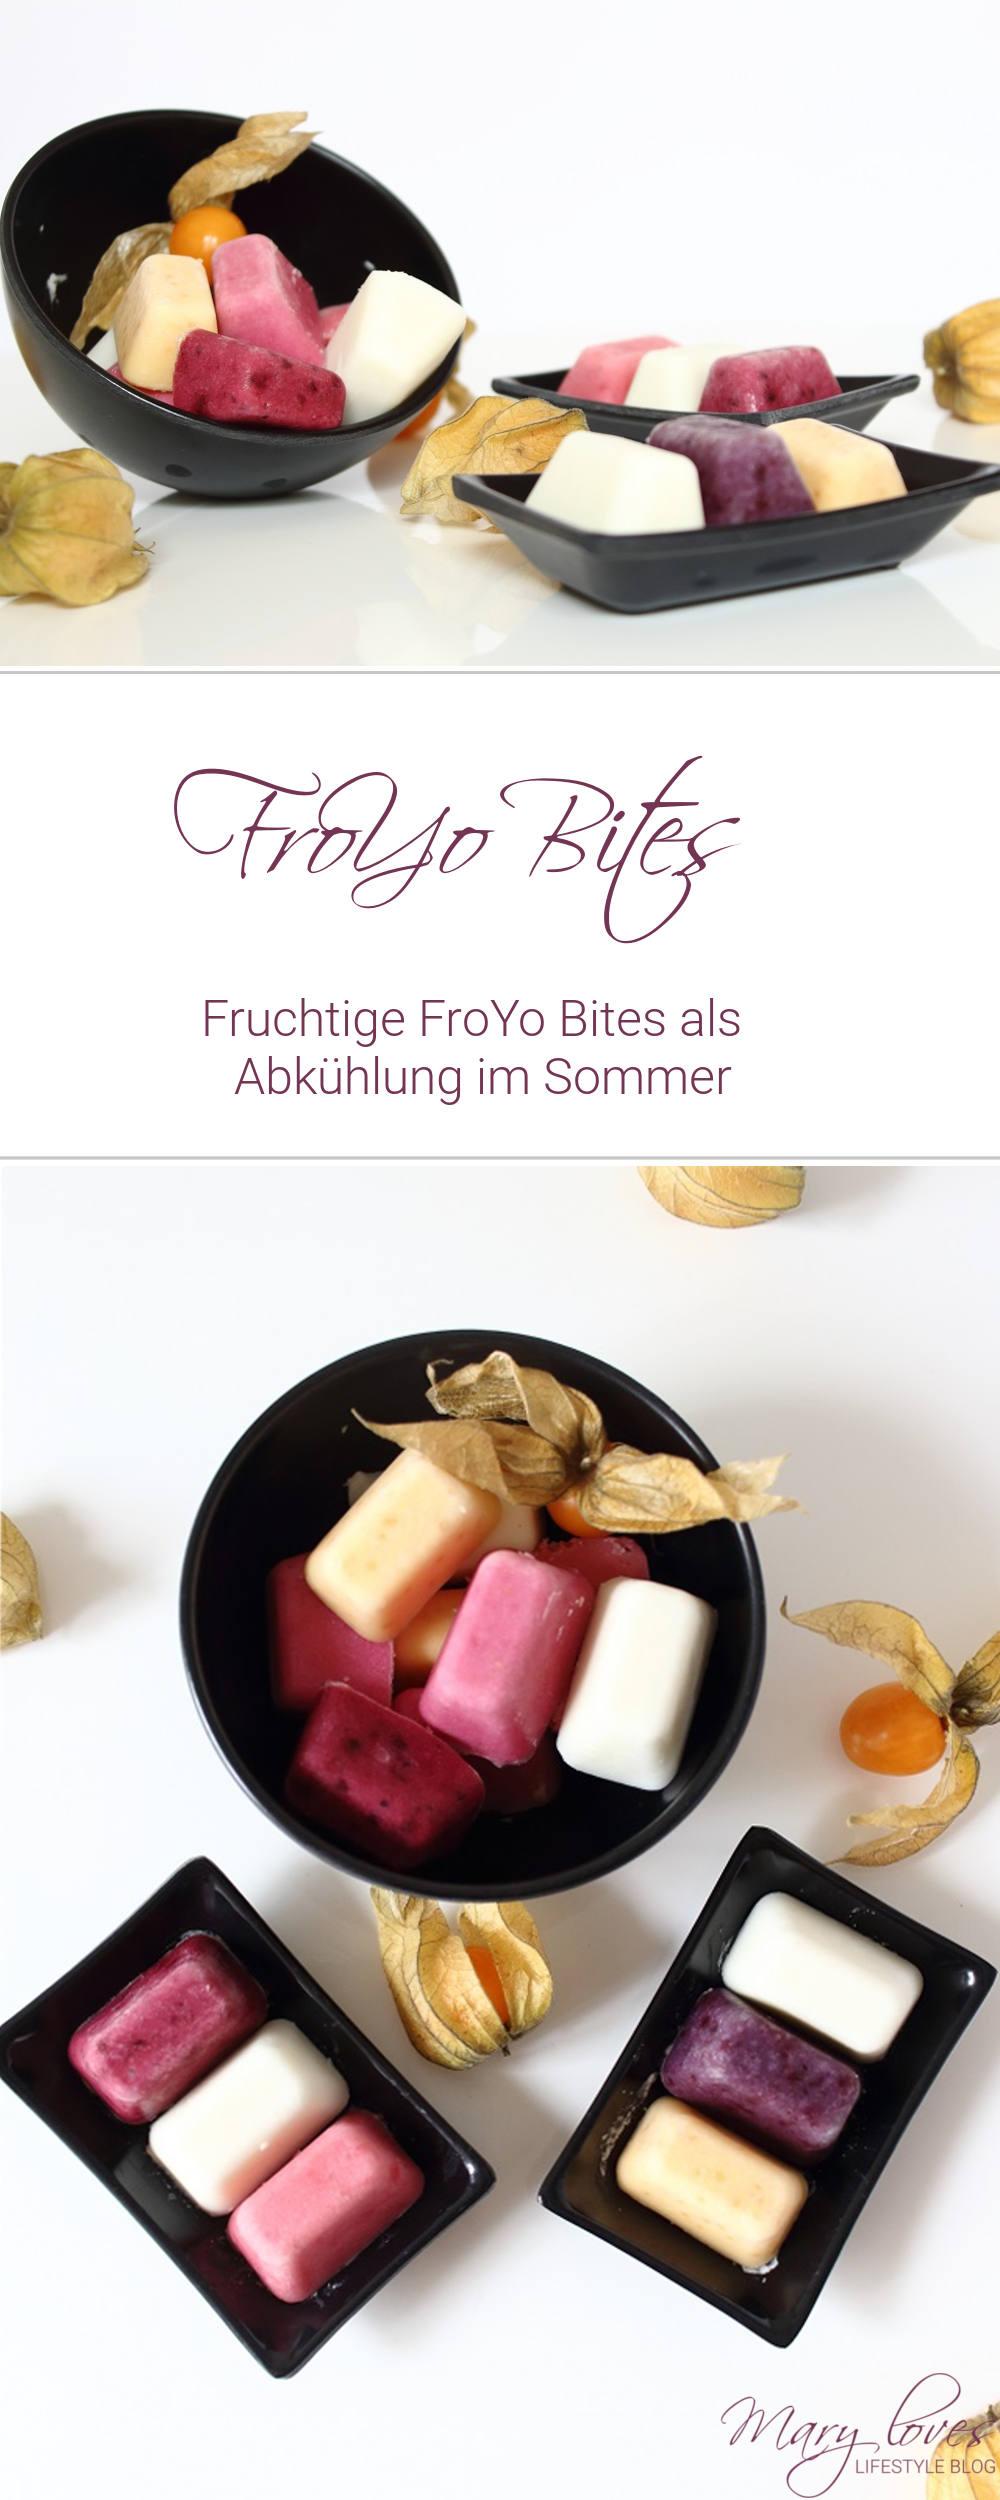 Fruchtige FroYo Bites als leichte Abkühlung im Sommer